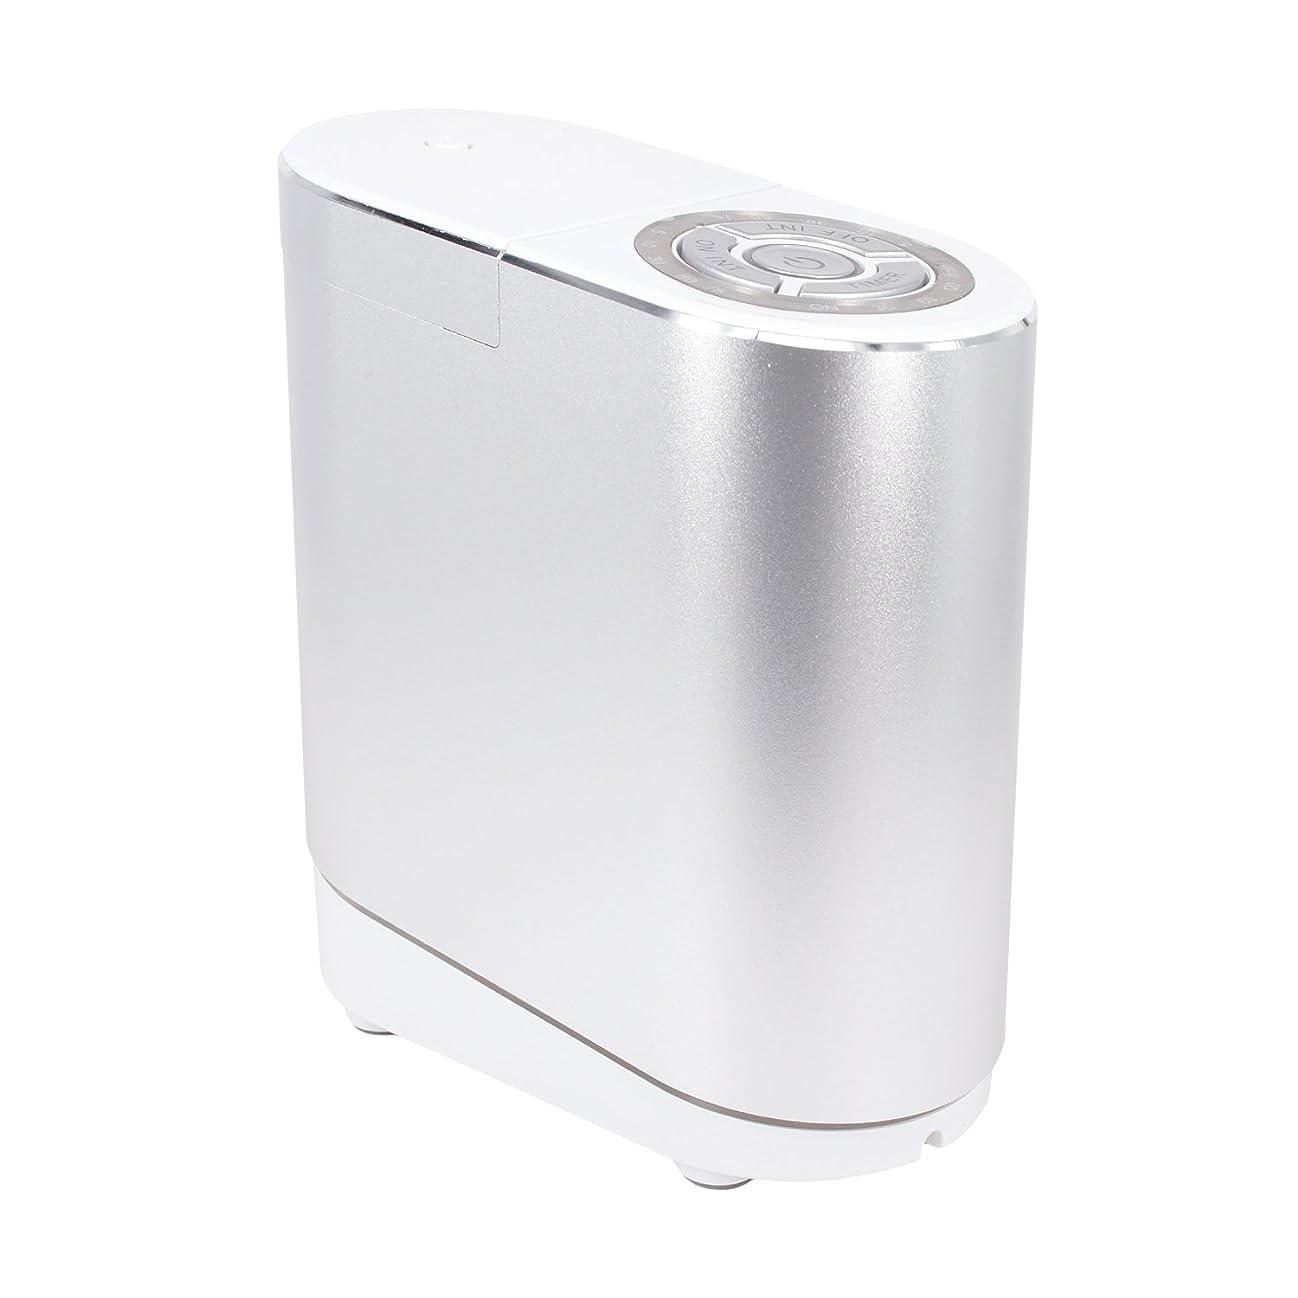 クリークコントロール放出LNSTUDIO アロマディフューザー ネブライザー式 2個30ML専用精油瓶付き アロマ芳香器 タイマー機能付 ミスト量調整可